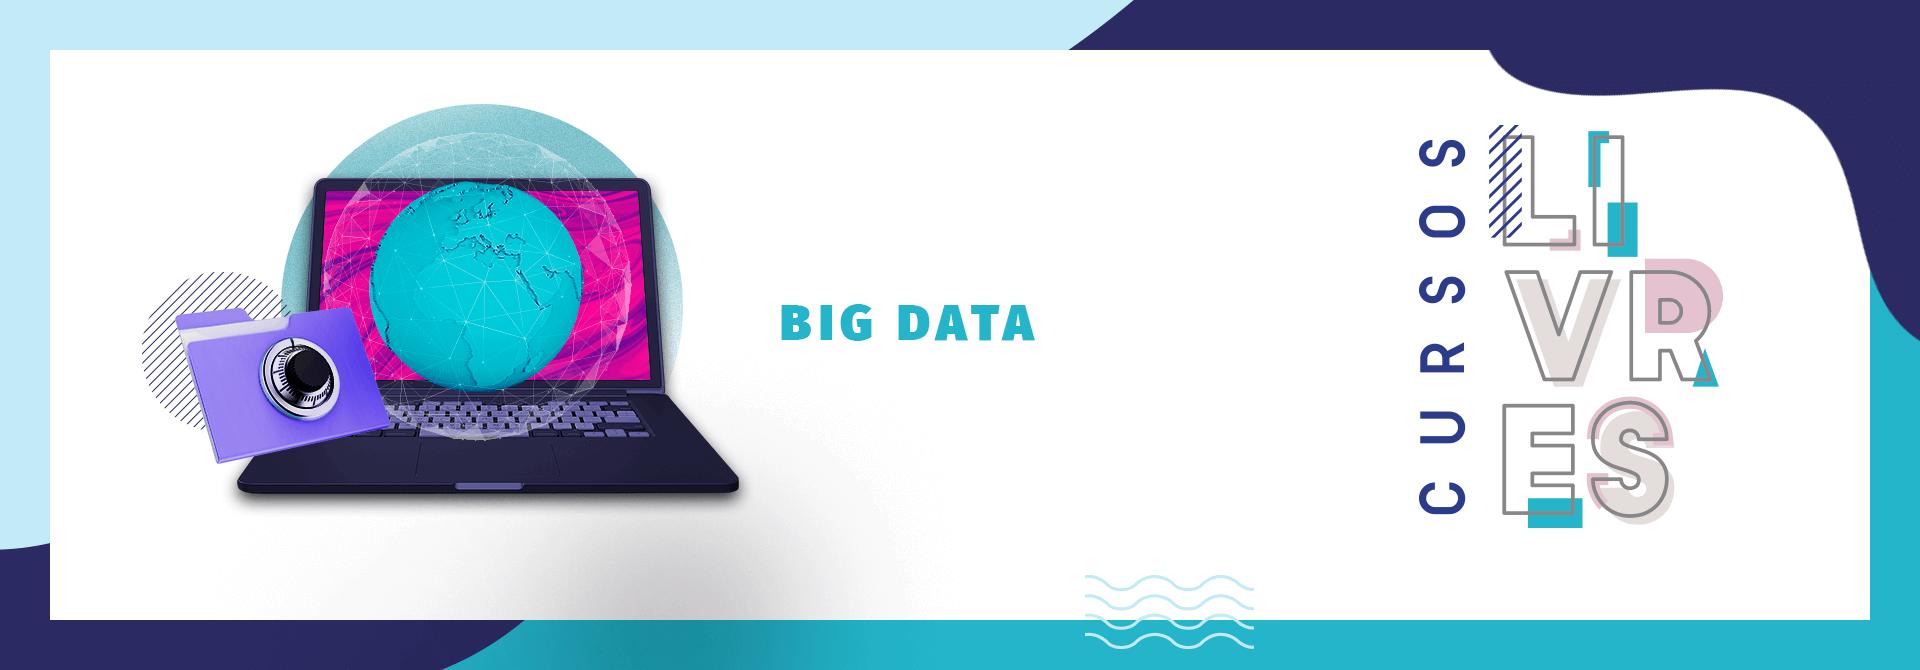 Faça o Curso Livre de Big Data da UVV